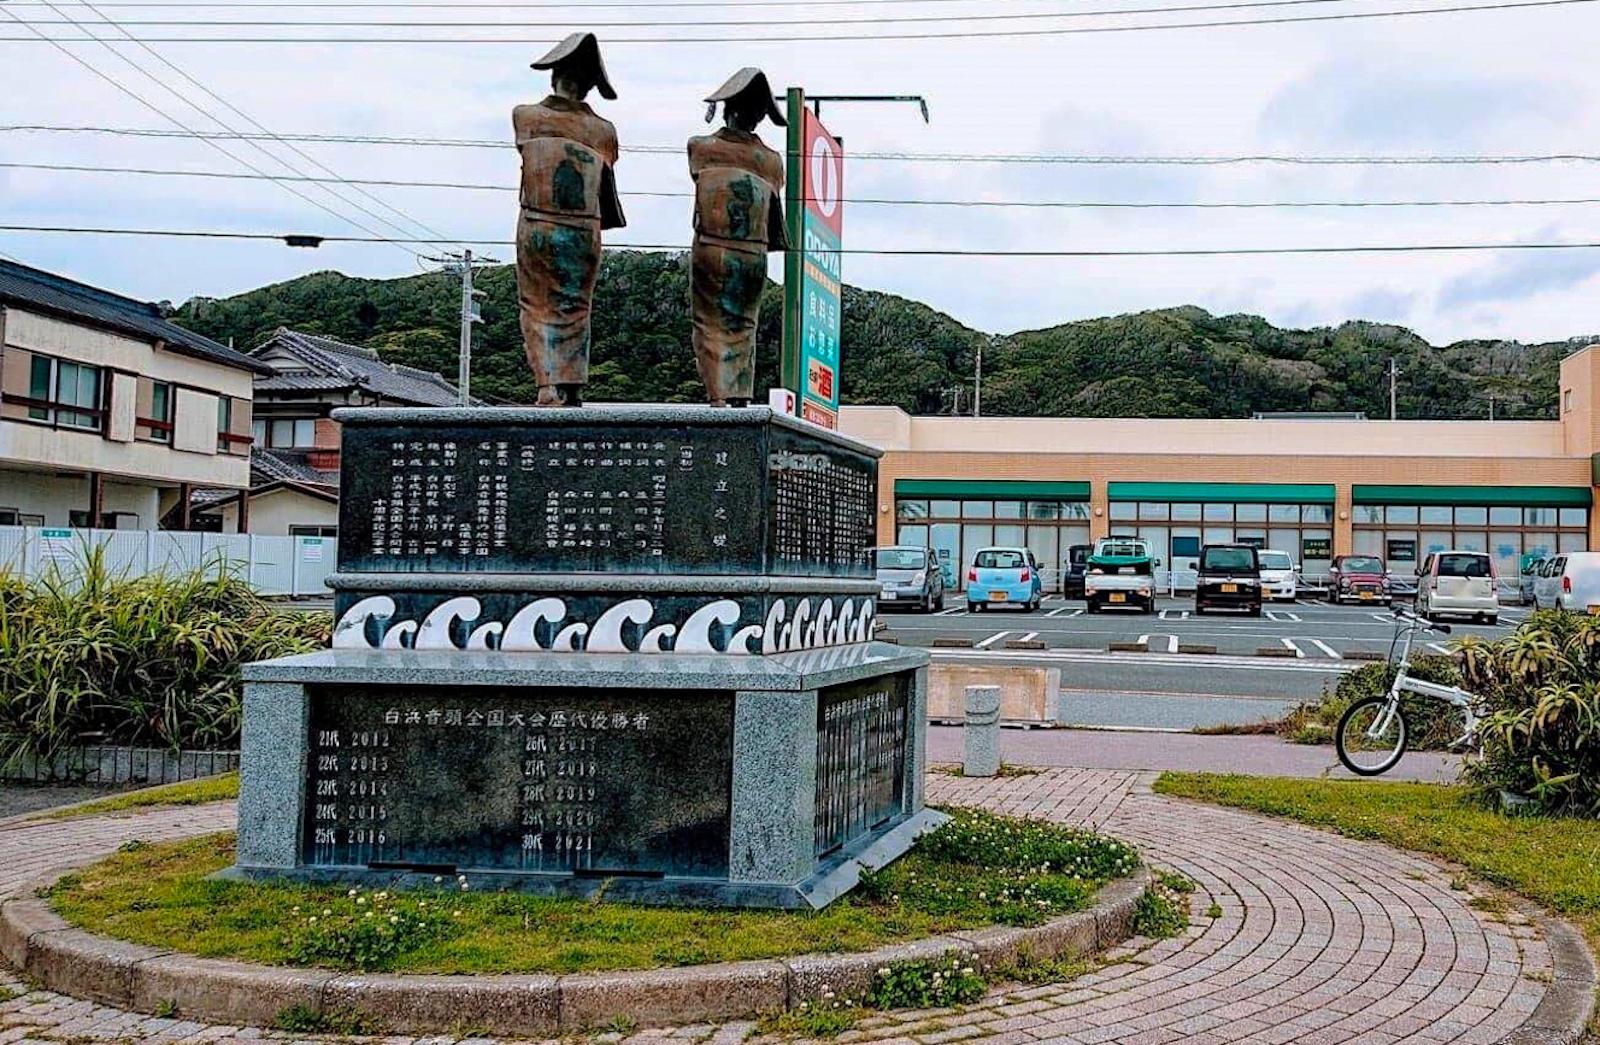 多く著名人が訪れた岩目館の跡地と踊り子のブロンズ像